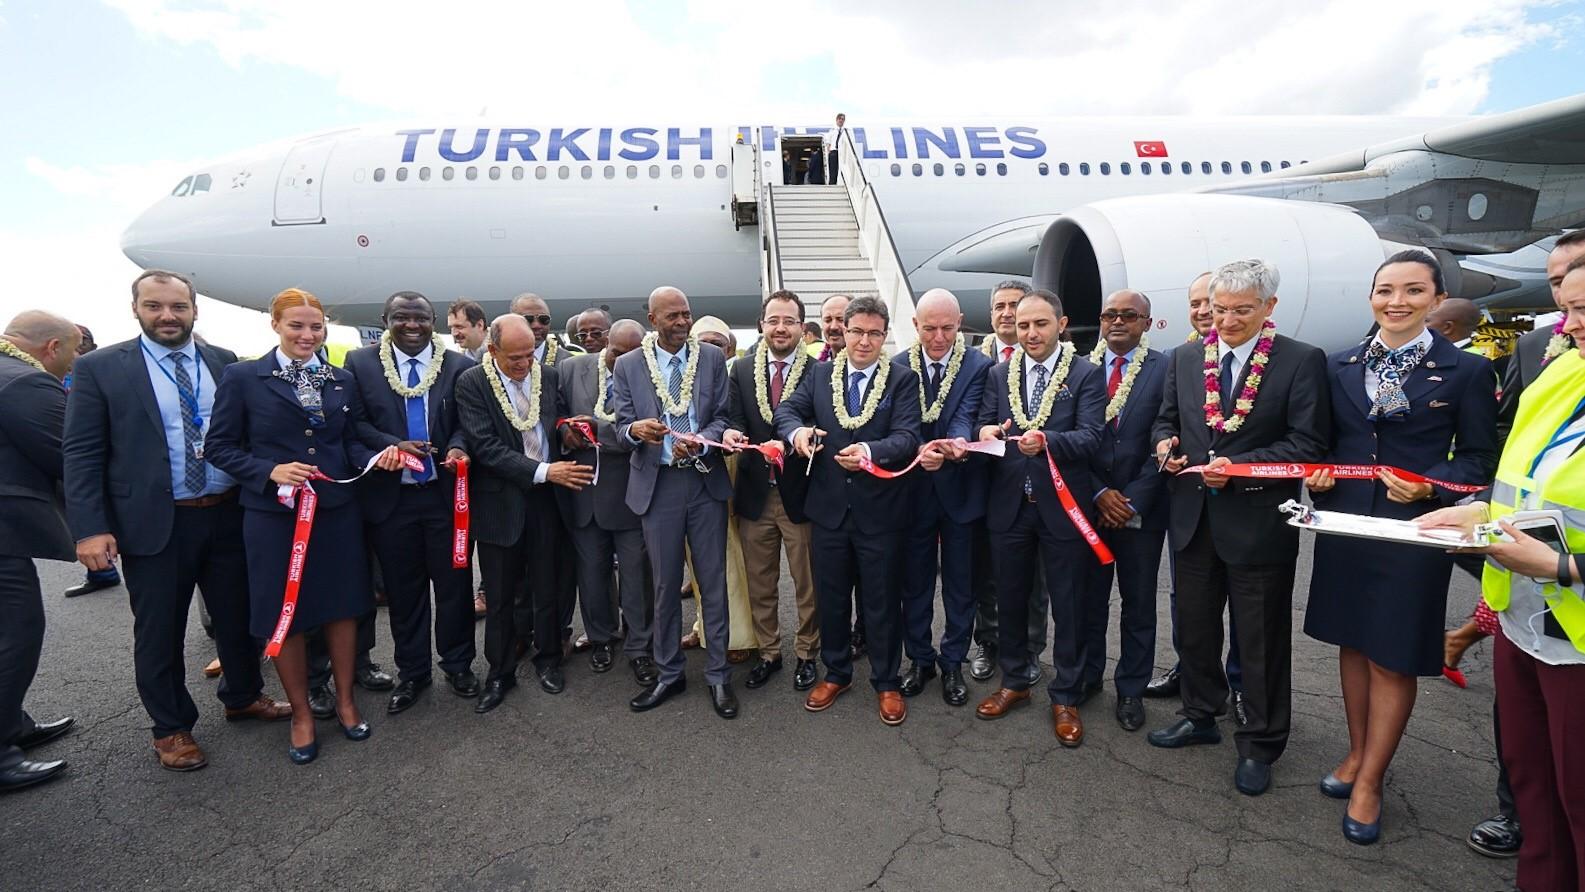 Морони е новата екзотична дестинация на Turkish Airlines в Африка. Столицата на Коморски съюз е 304-ият град, до който авиокомпанията лети